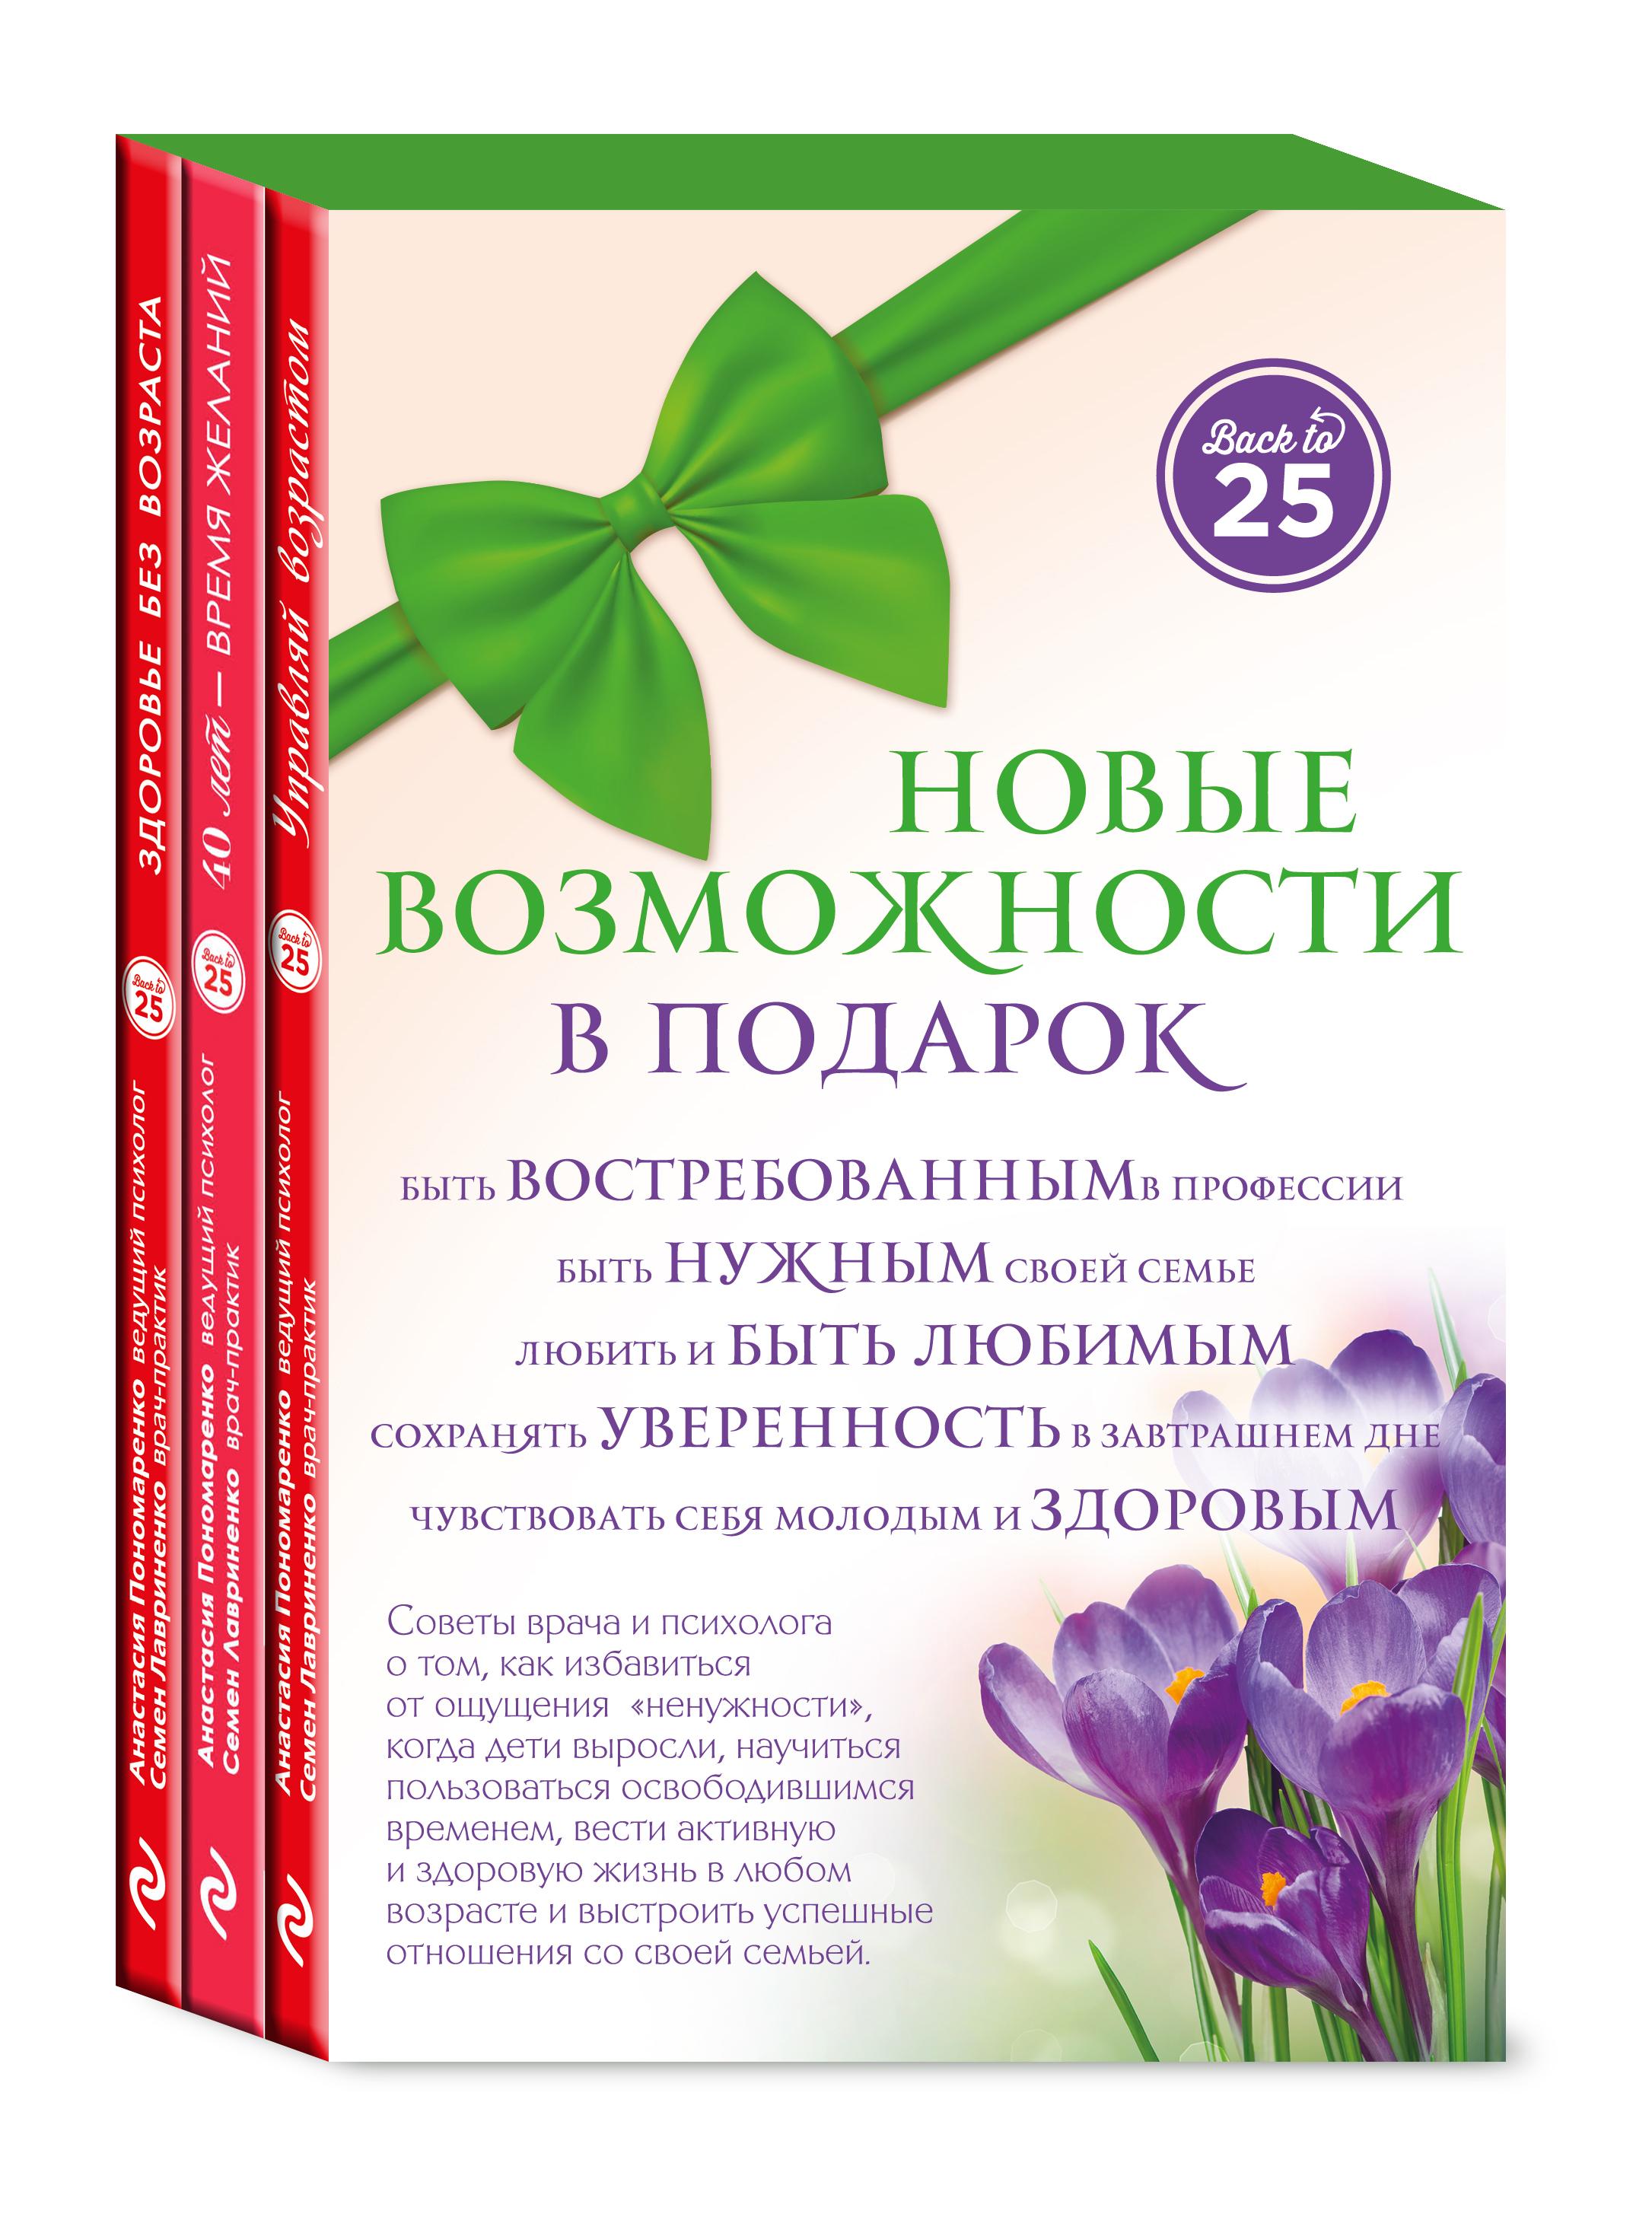 Пономаренко А.А., Лавриненко С.В. Комплект Новые возможности в подарок (45 лучше, чем 20)